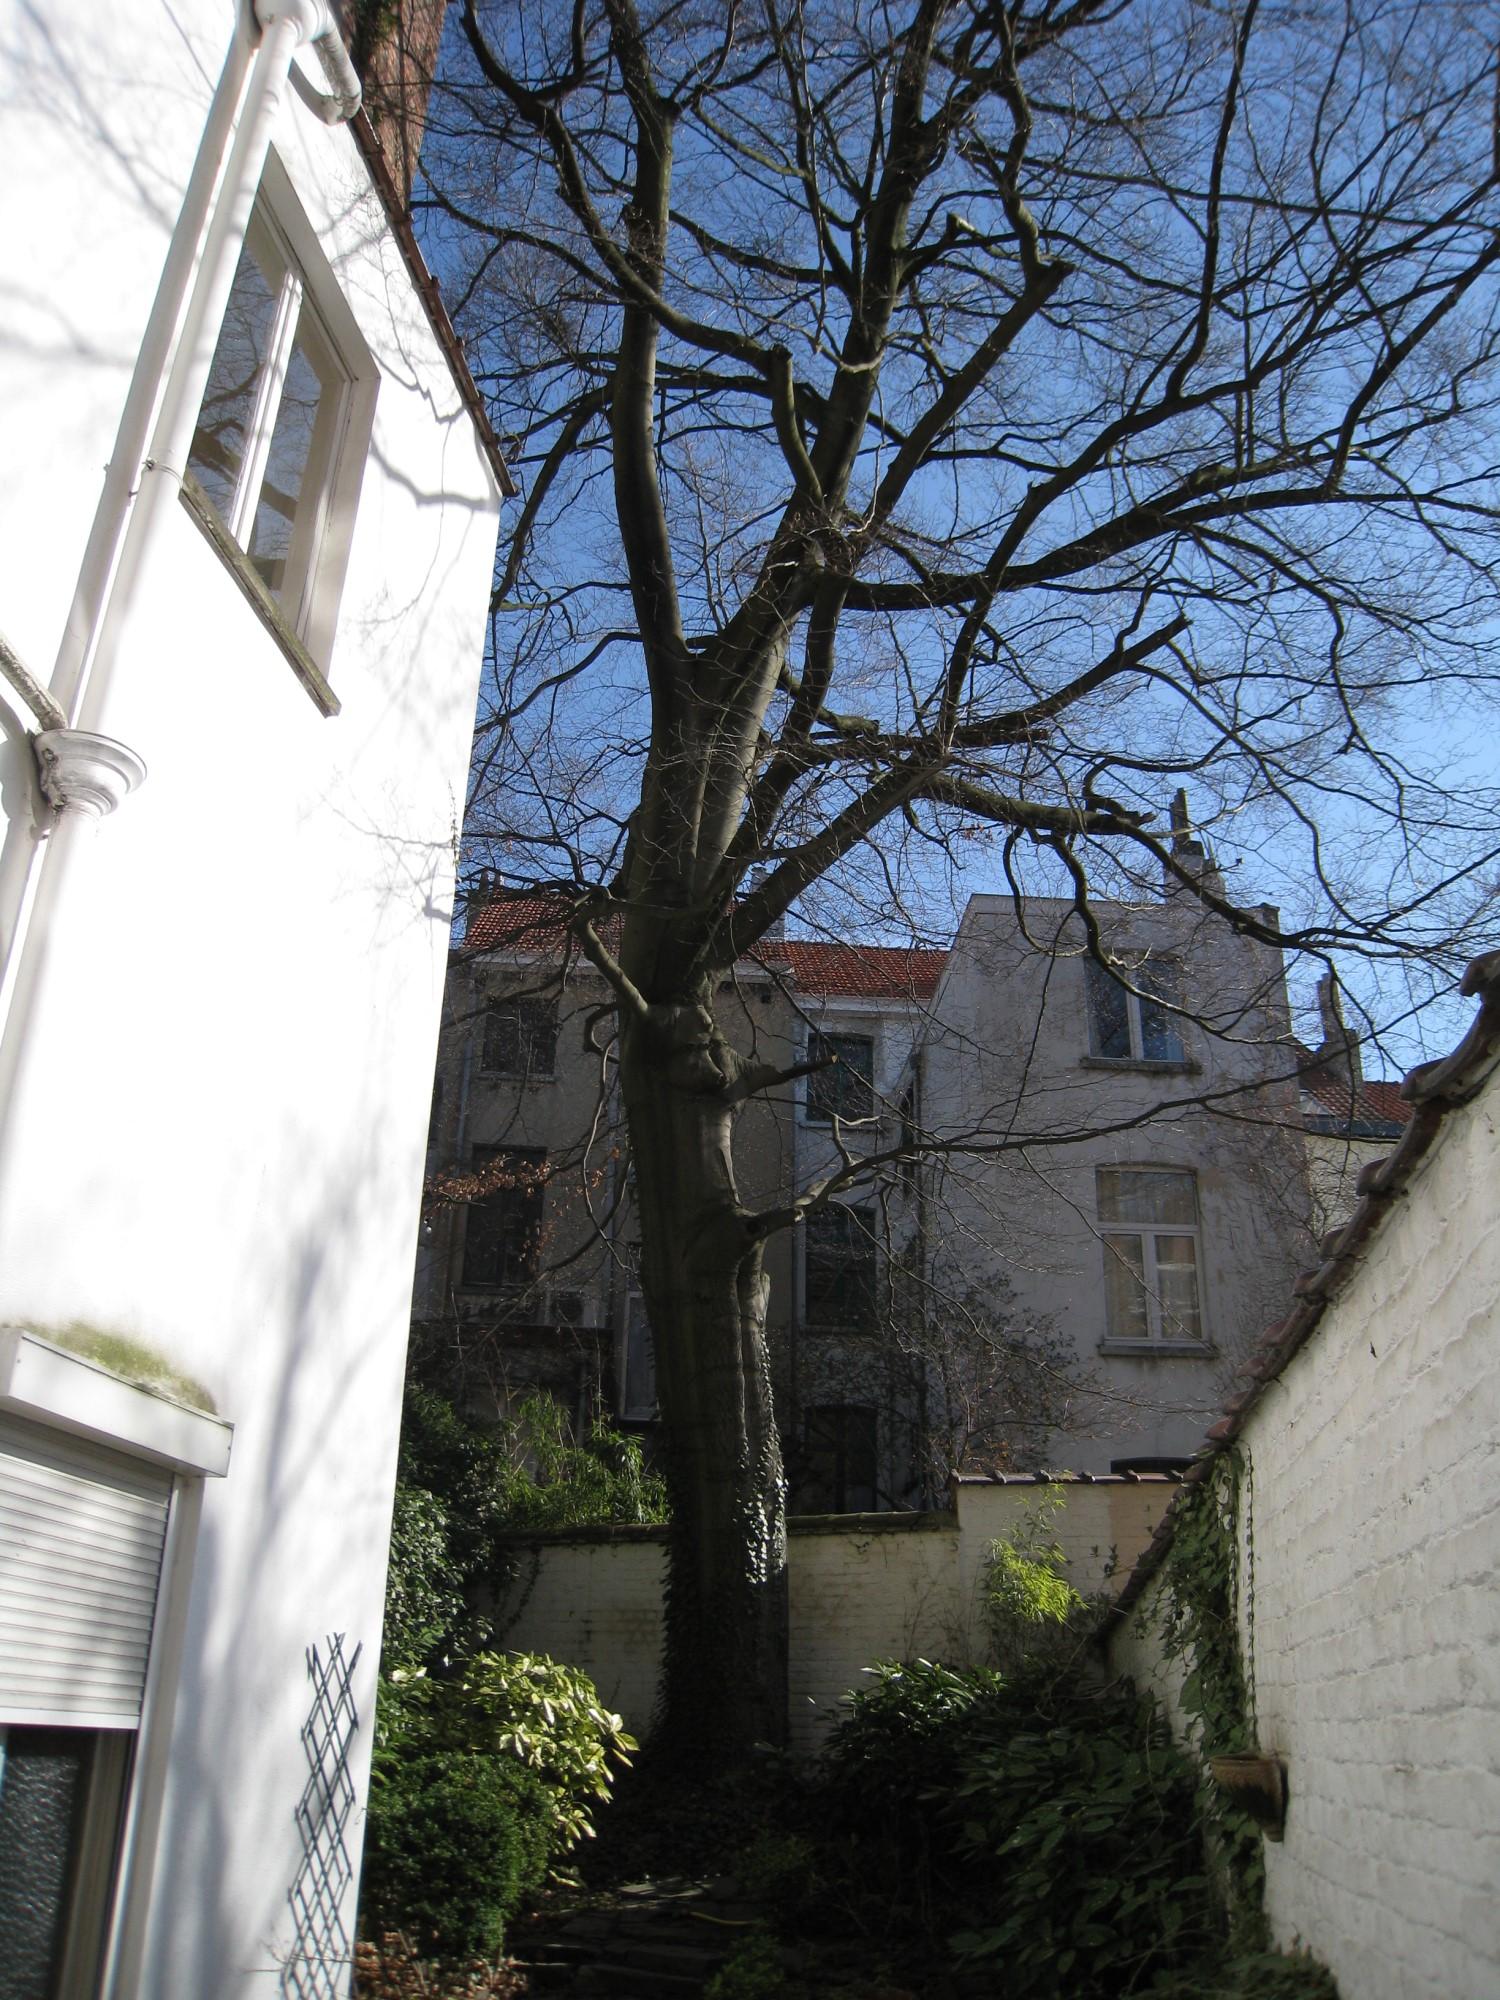 Hêtre d'Europe – Ixelles, Avenue des Eperons d'Or, 5 –  20 Mars 2009